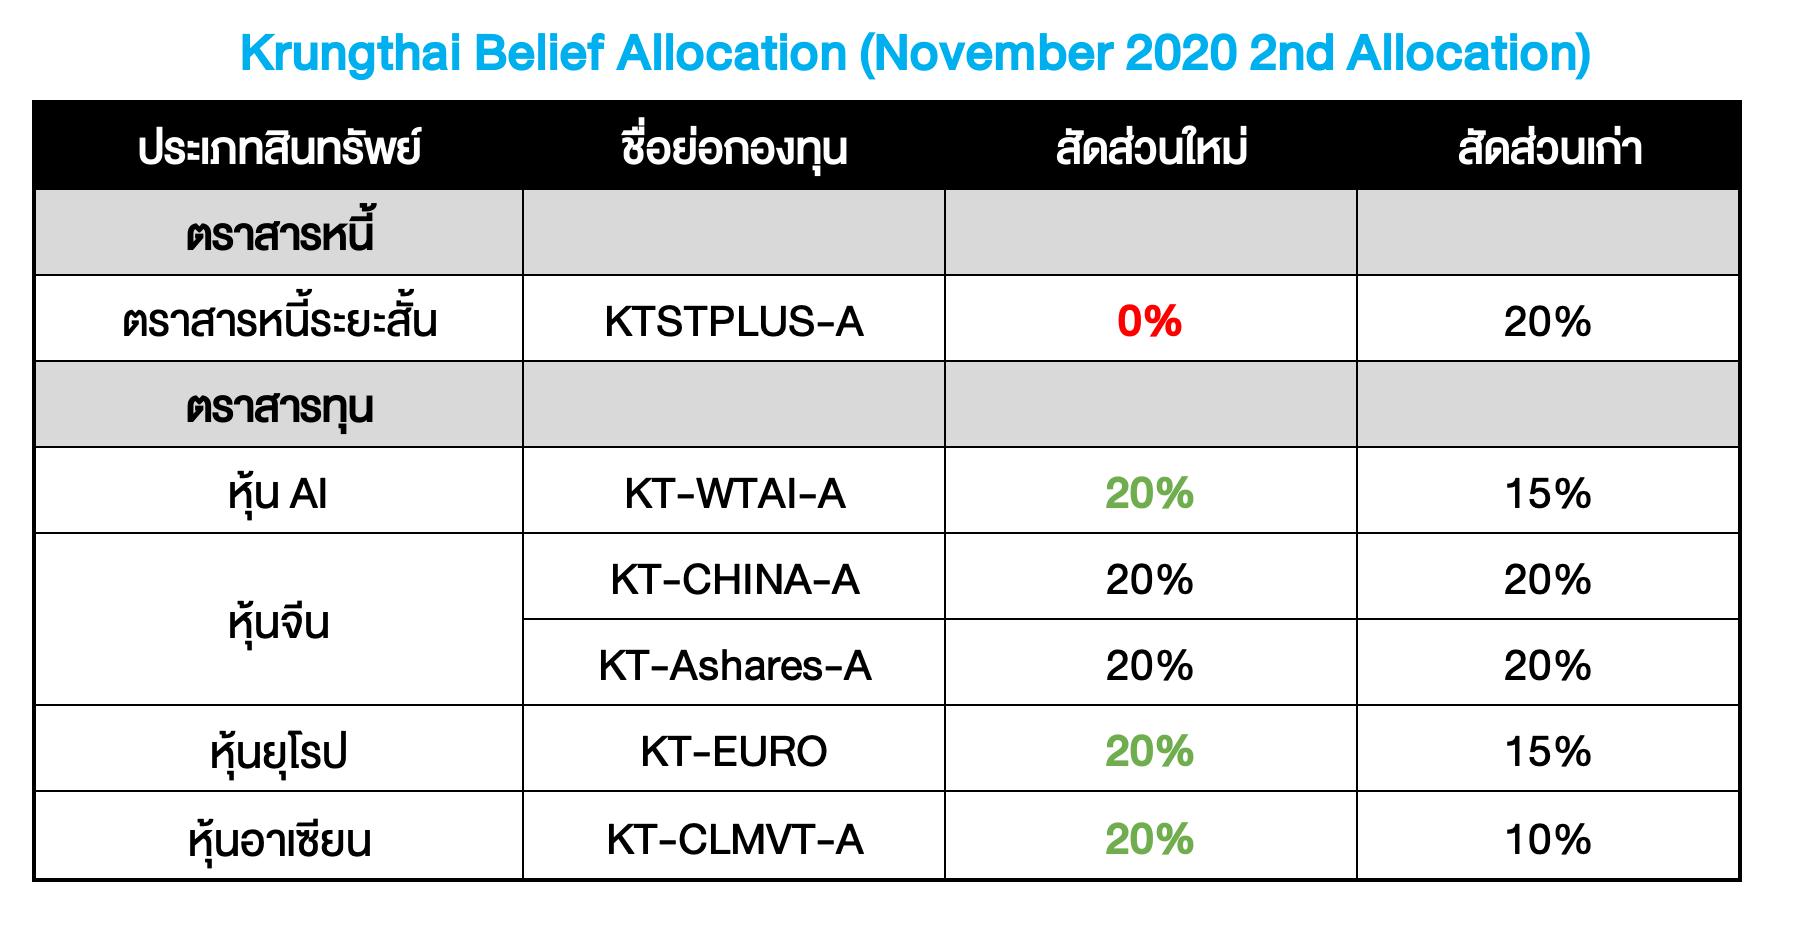 Krungthai Belief Allocation ปรับพอร์ตเดือน พ.ย. 2020 : ร่างสมบูรณ์ #สมดุลสิดี